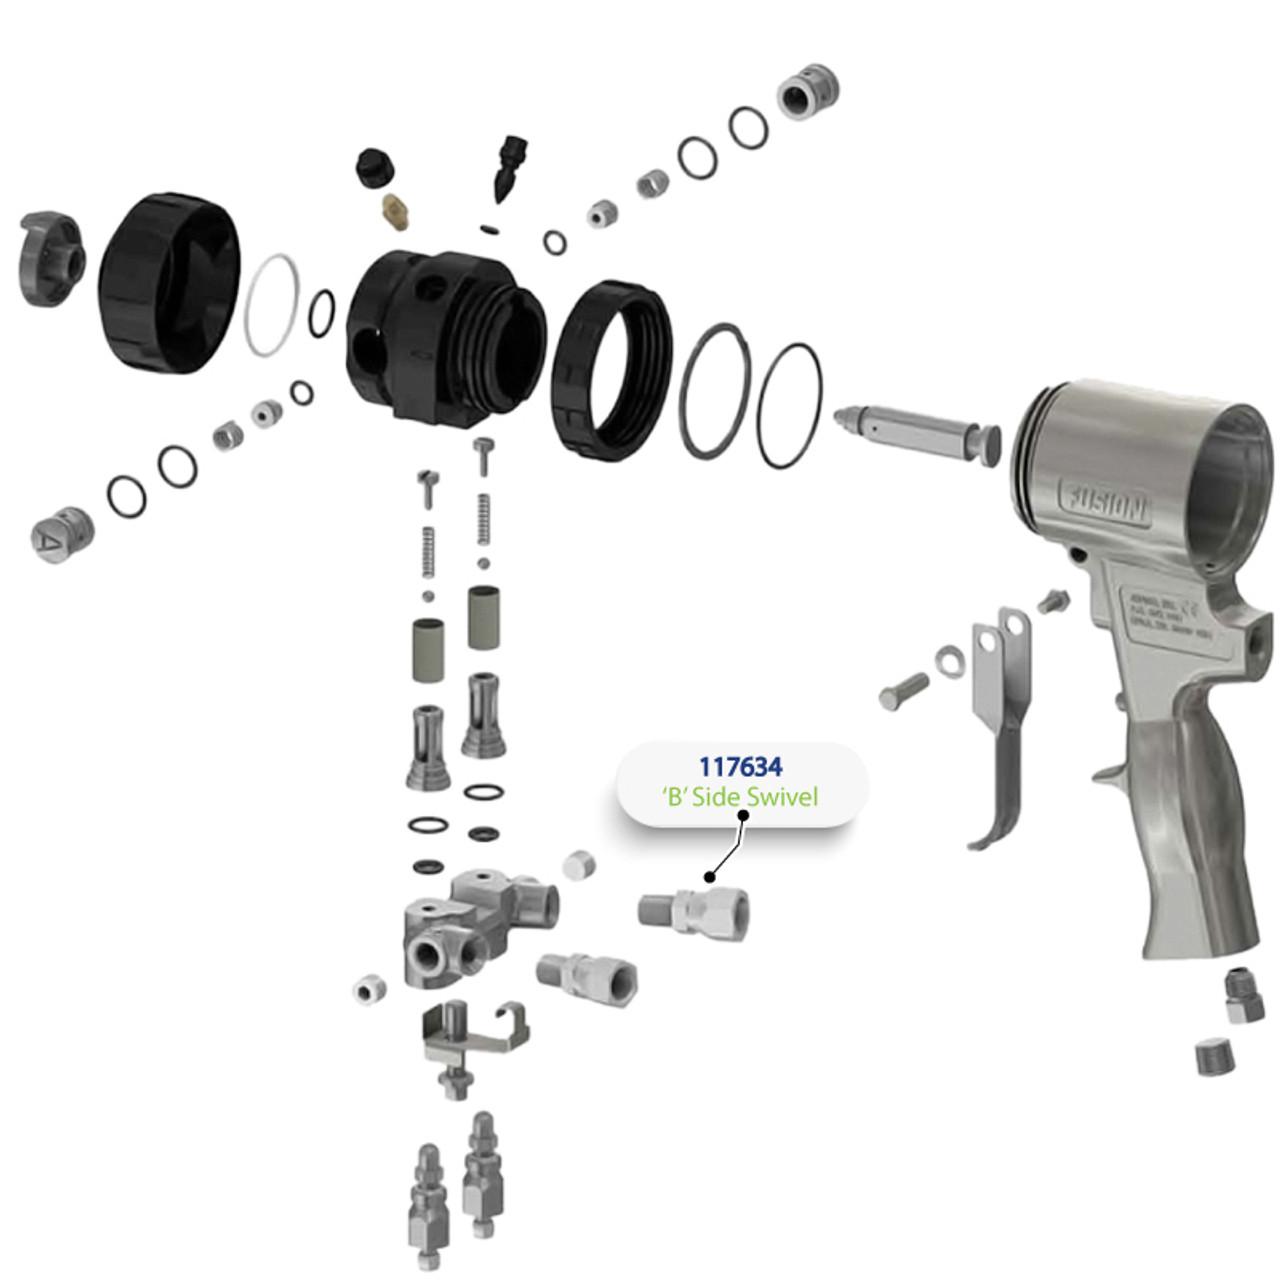 B Side Swivel for Graco Fusion Air Purge (AP) Spray Gun